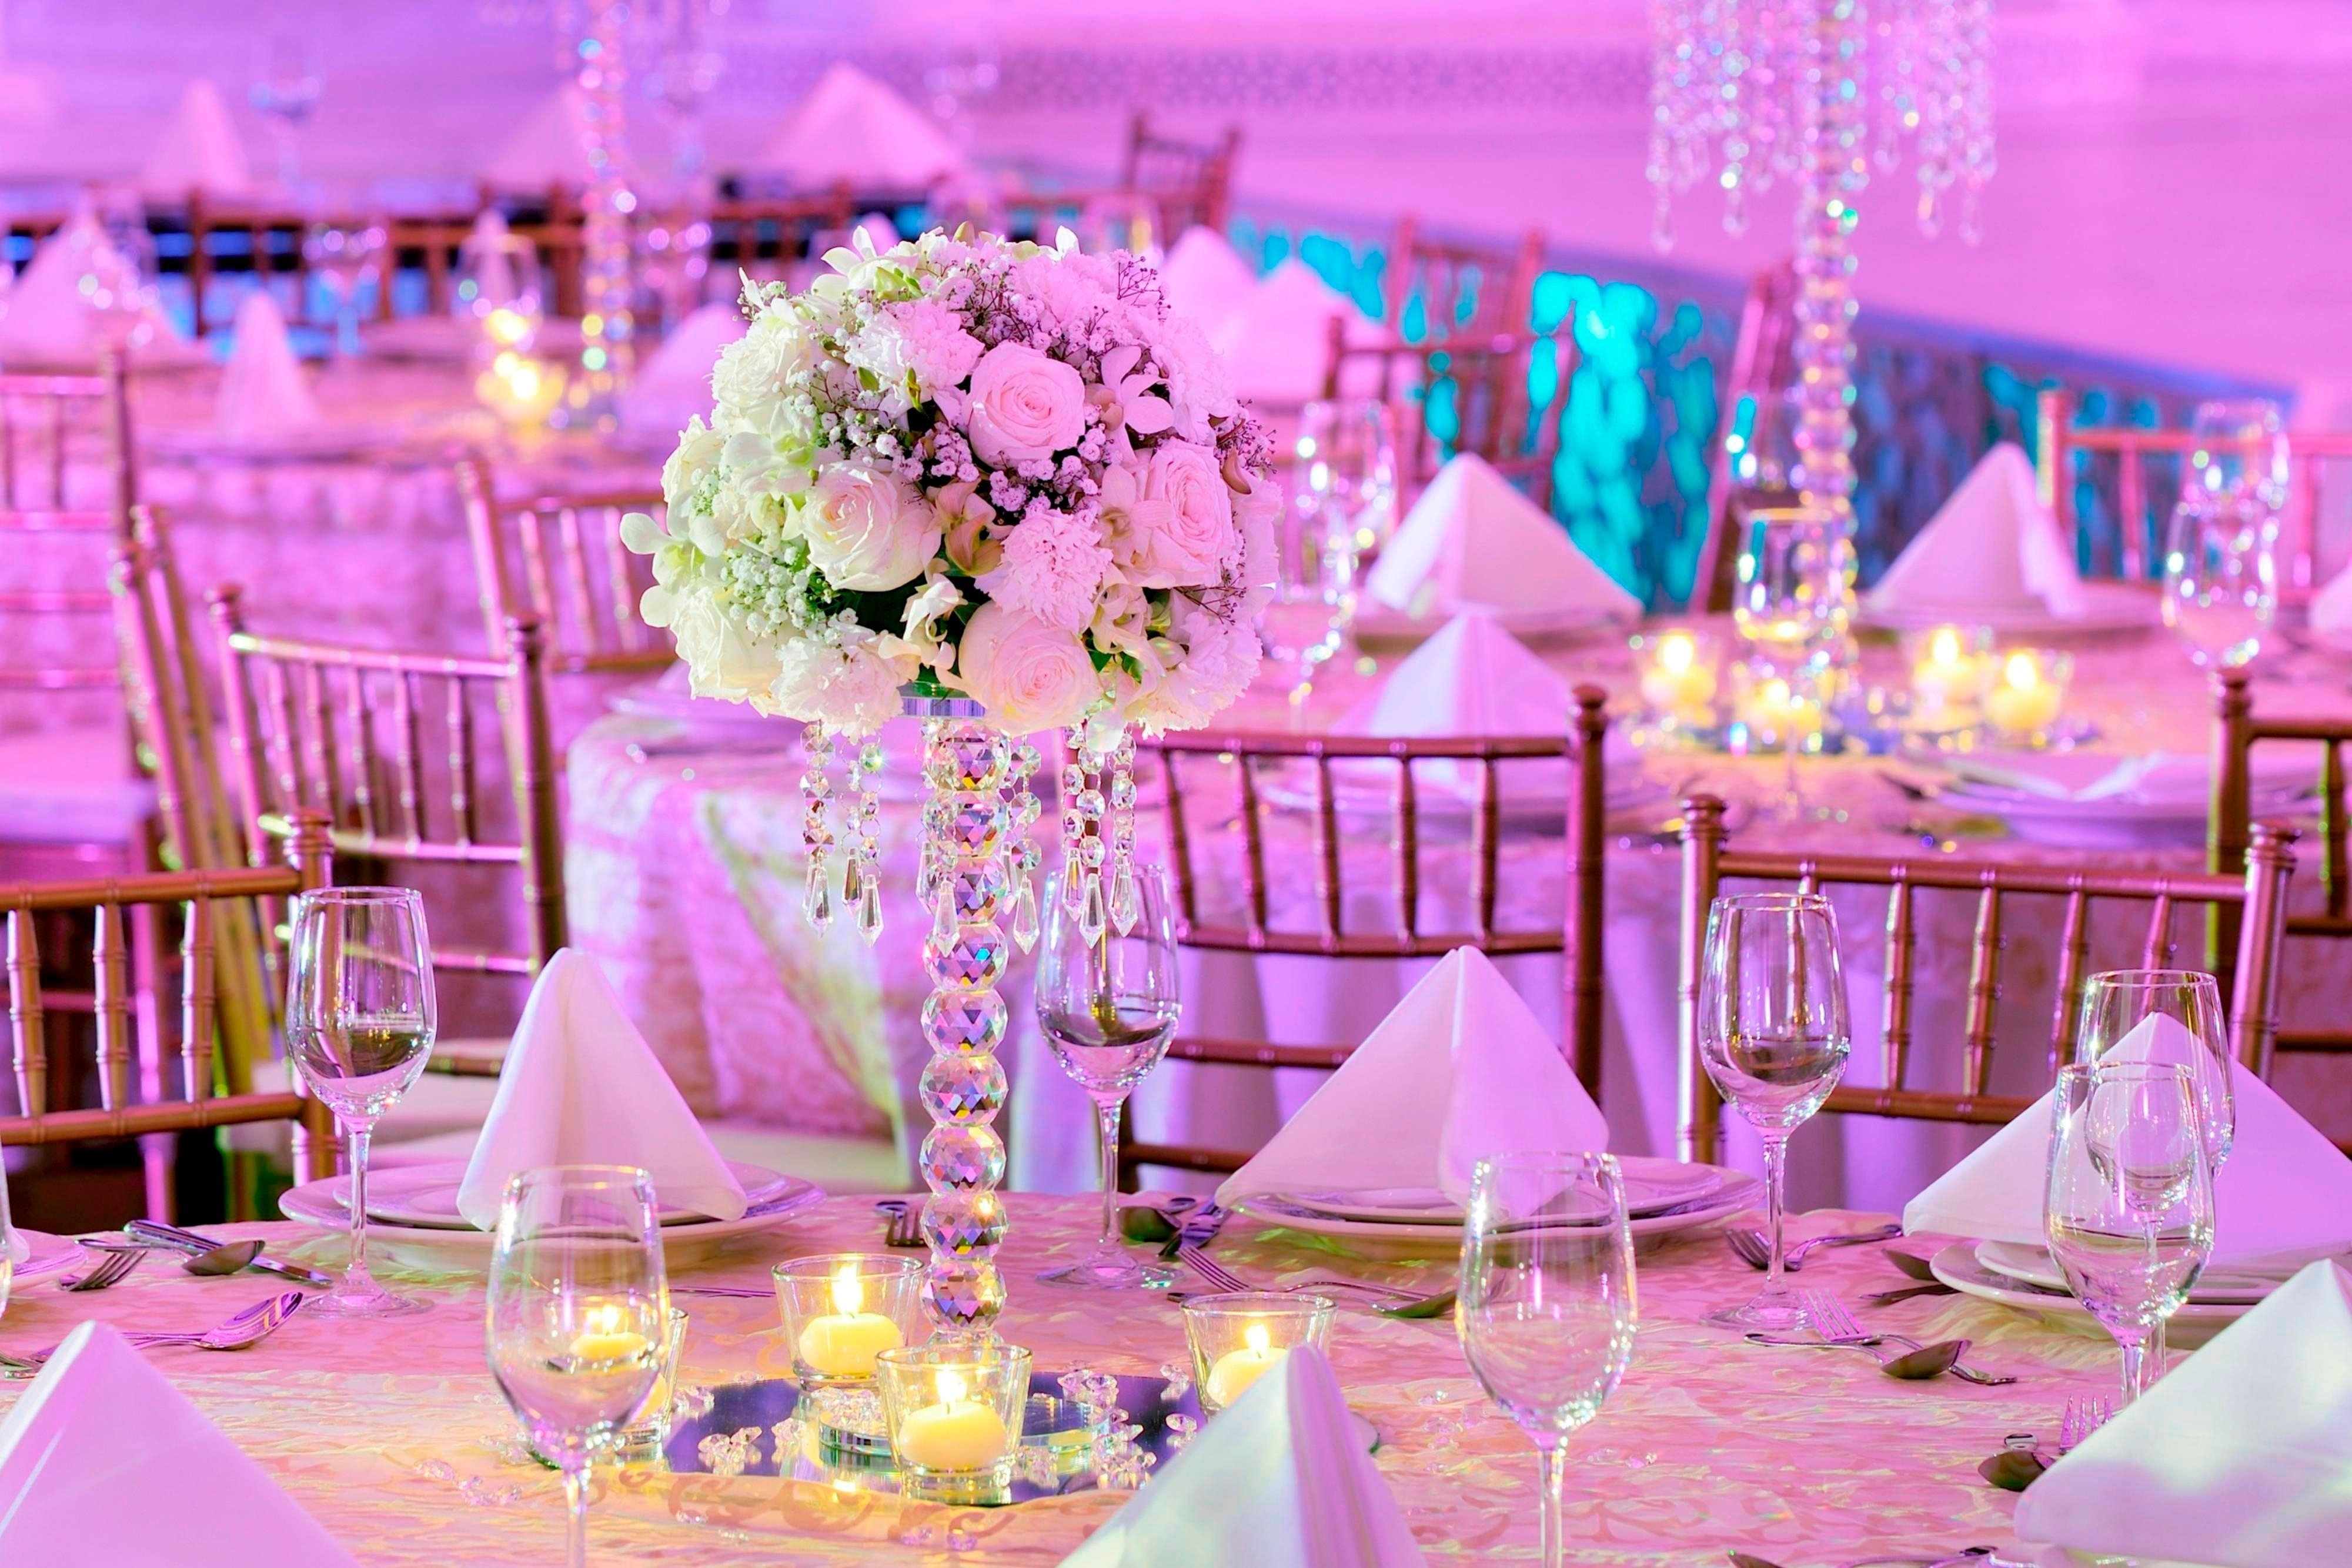 Orte für Hochzeitsempfänge in Dubai